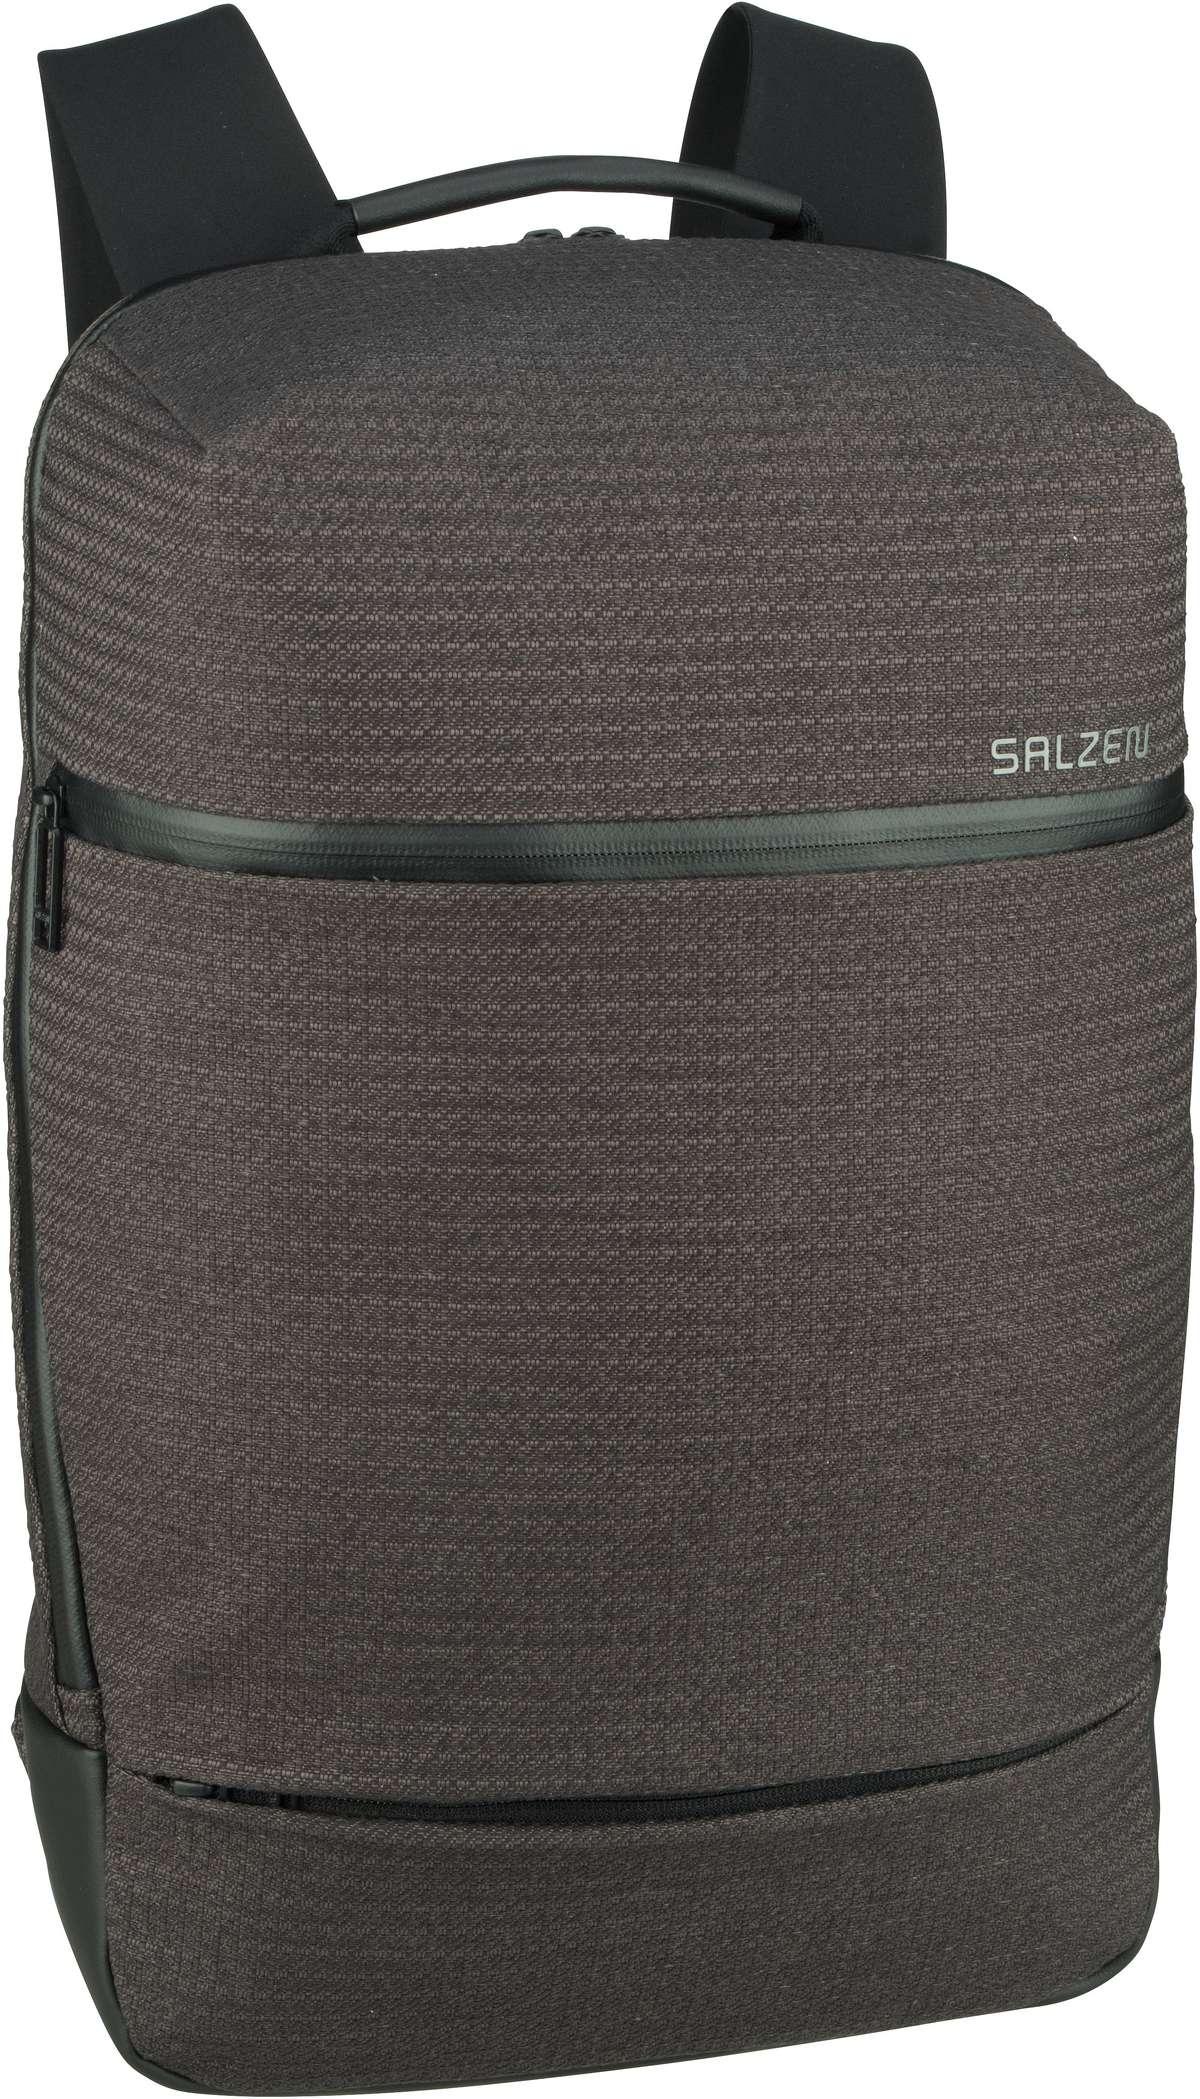 Laptoprucksack Savvy Fabric Ash Grey (15 Liter)